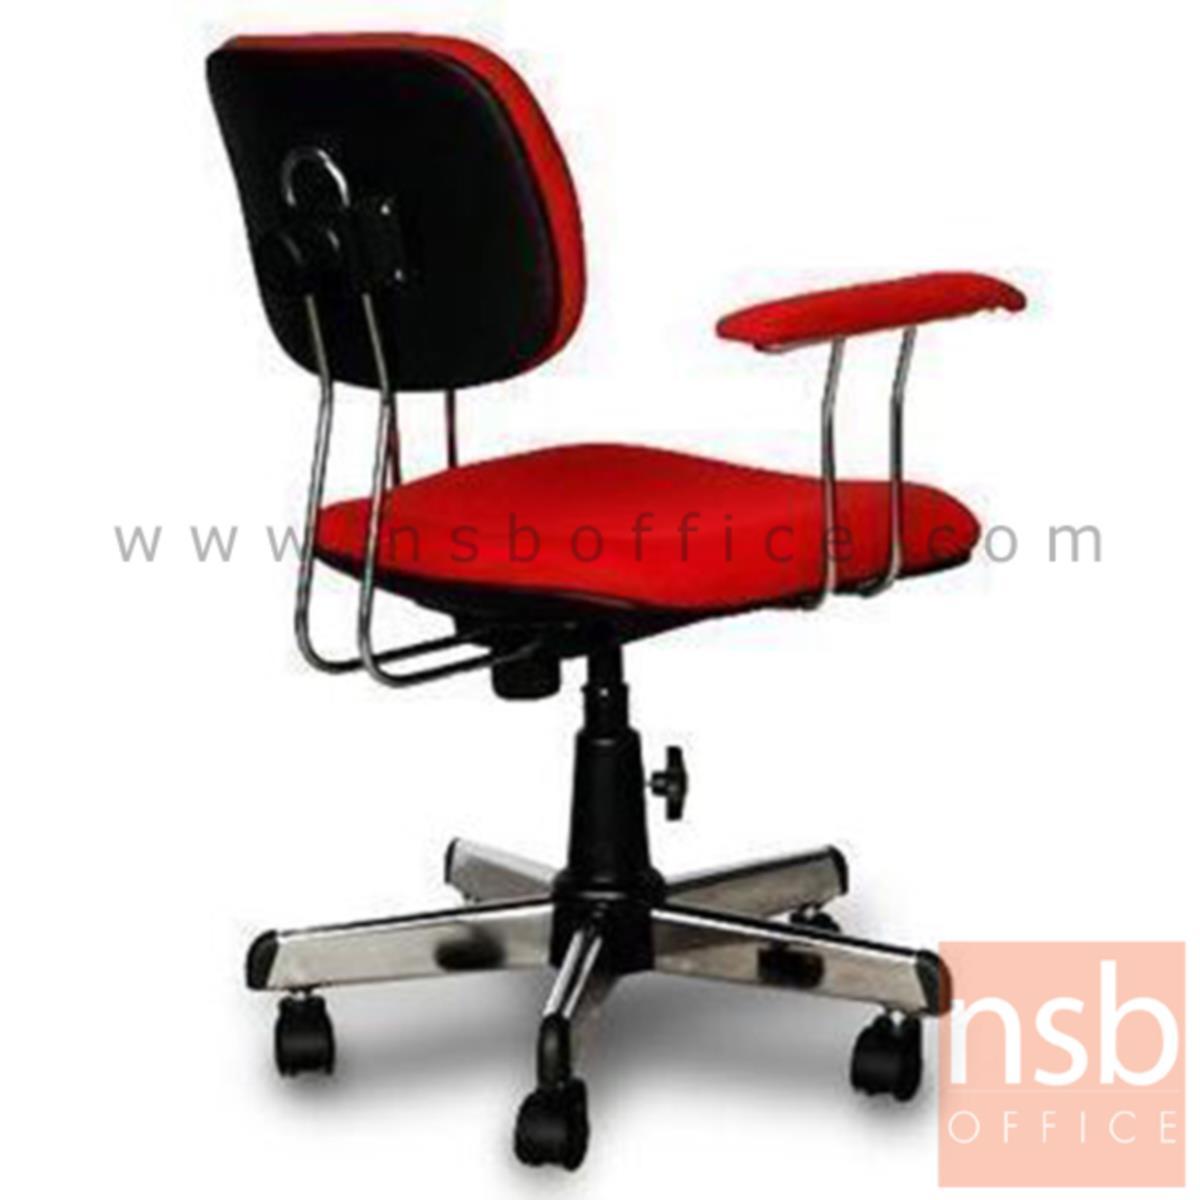 เก้าอี้สำนักงาน  รุ่น Audrey (ออเดรย์)  มีก้อนโยก ขาเหล็กชุบโครเมี่ยม